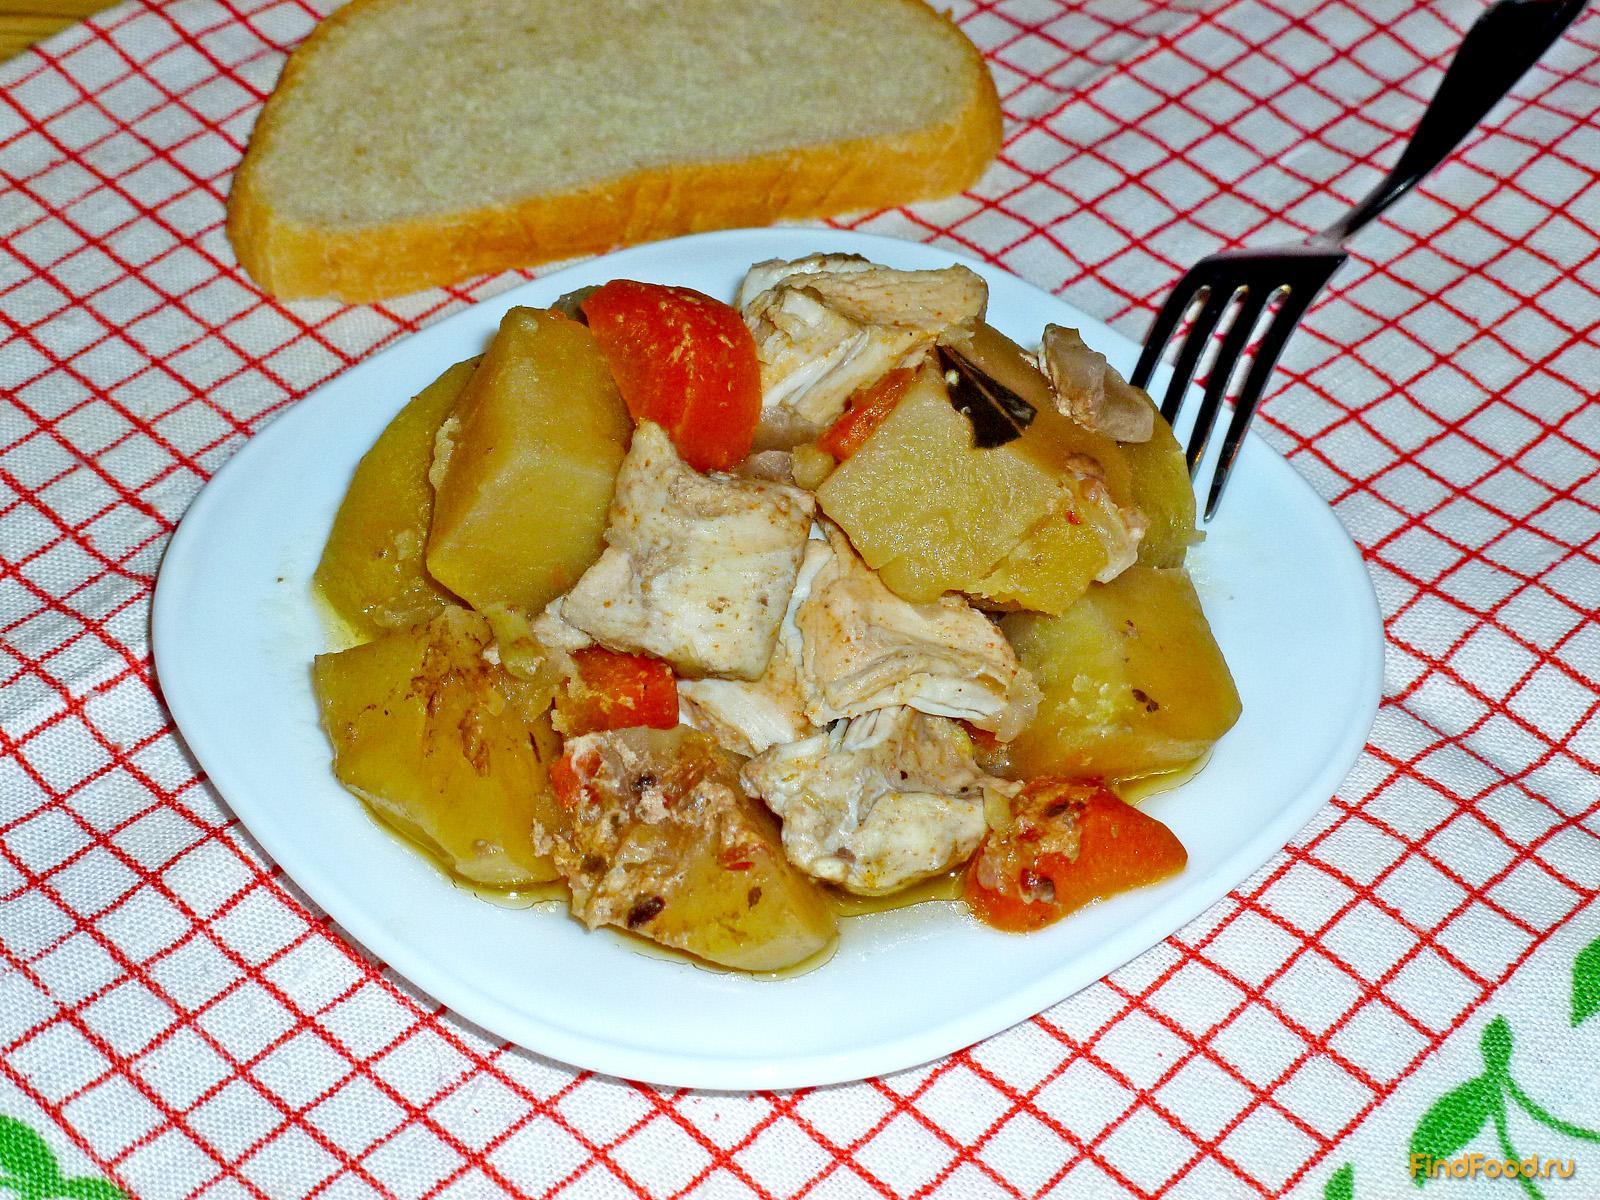 рецепт жаркое из курицы в мультиварке рецепты